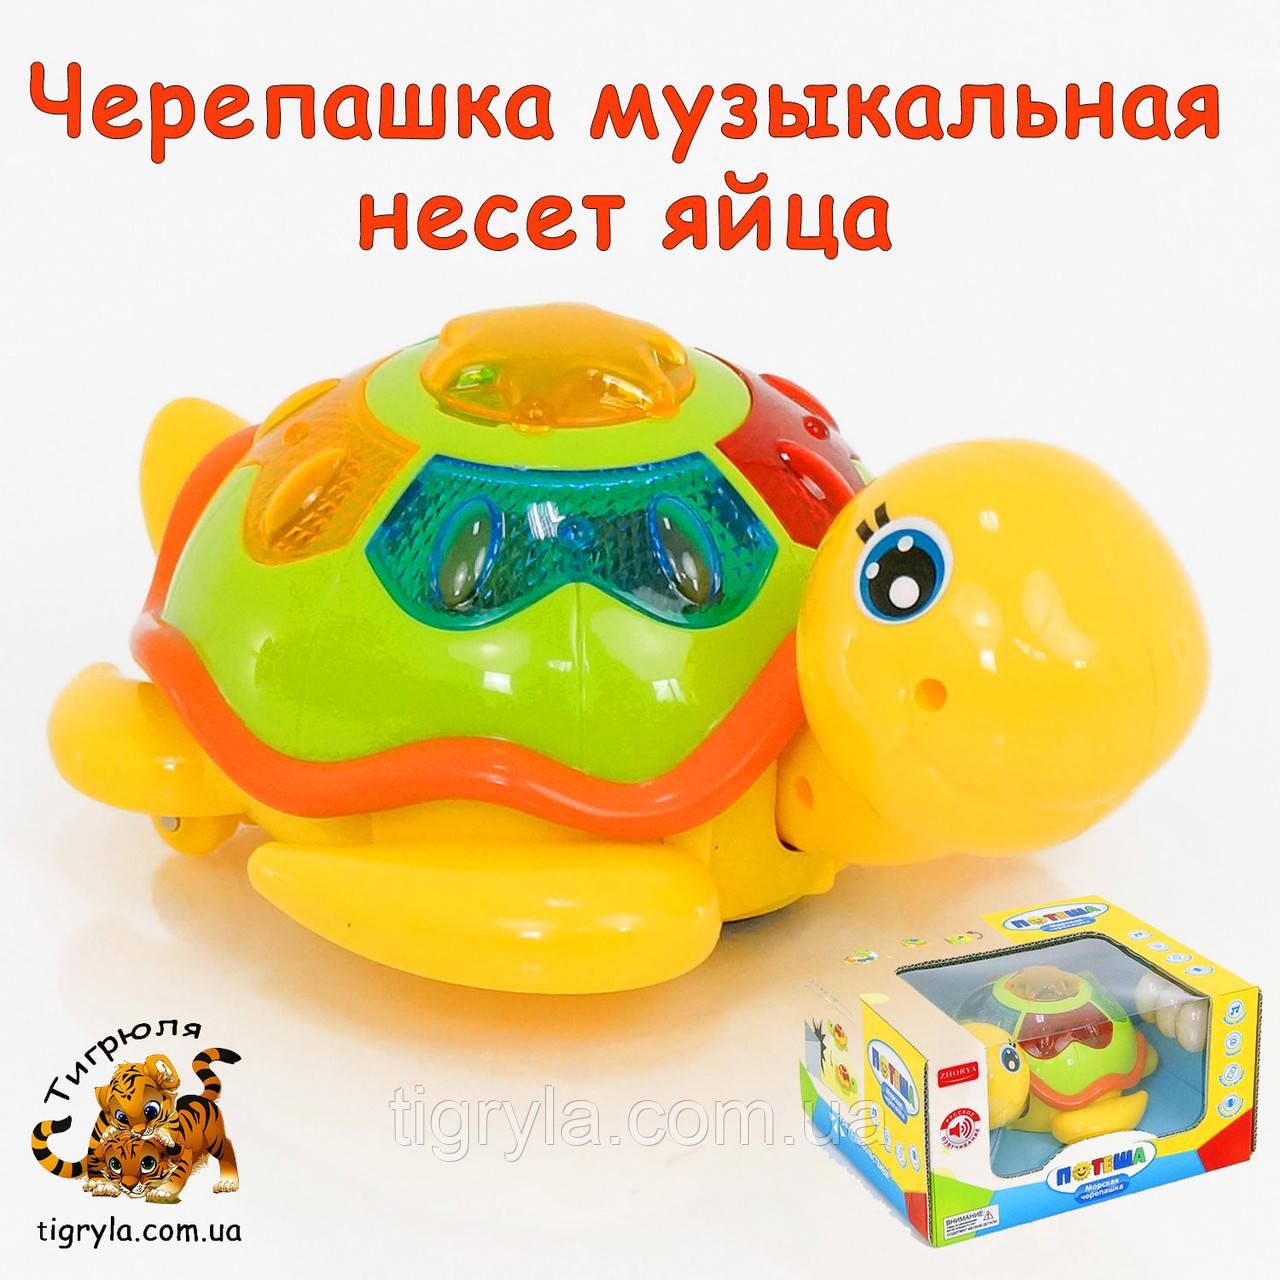 Игрушка сортер Черепаха